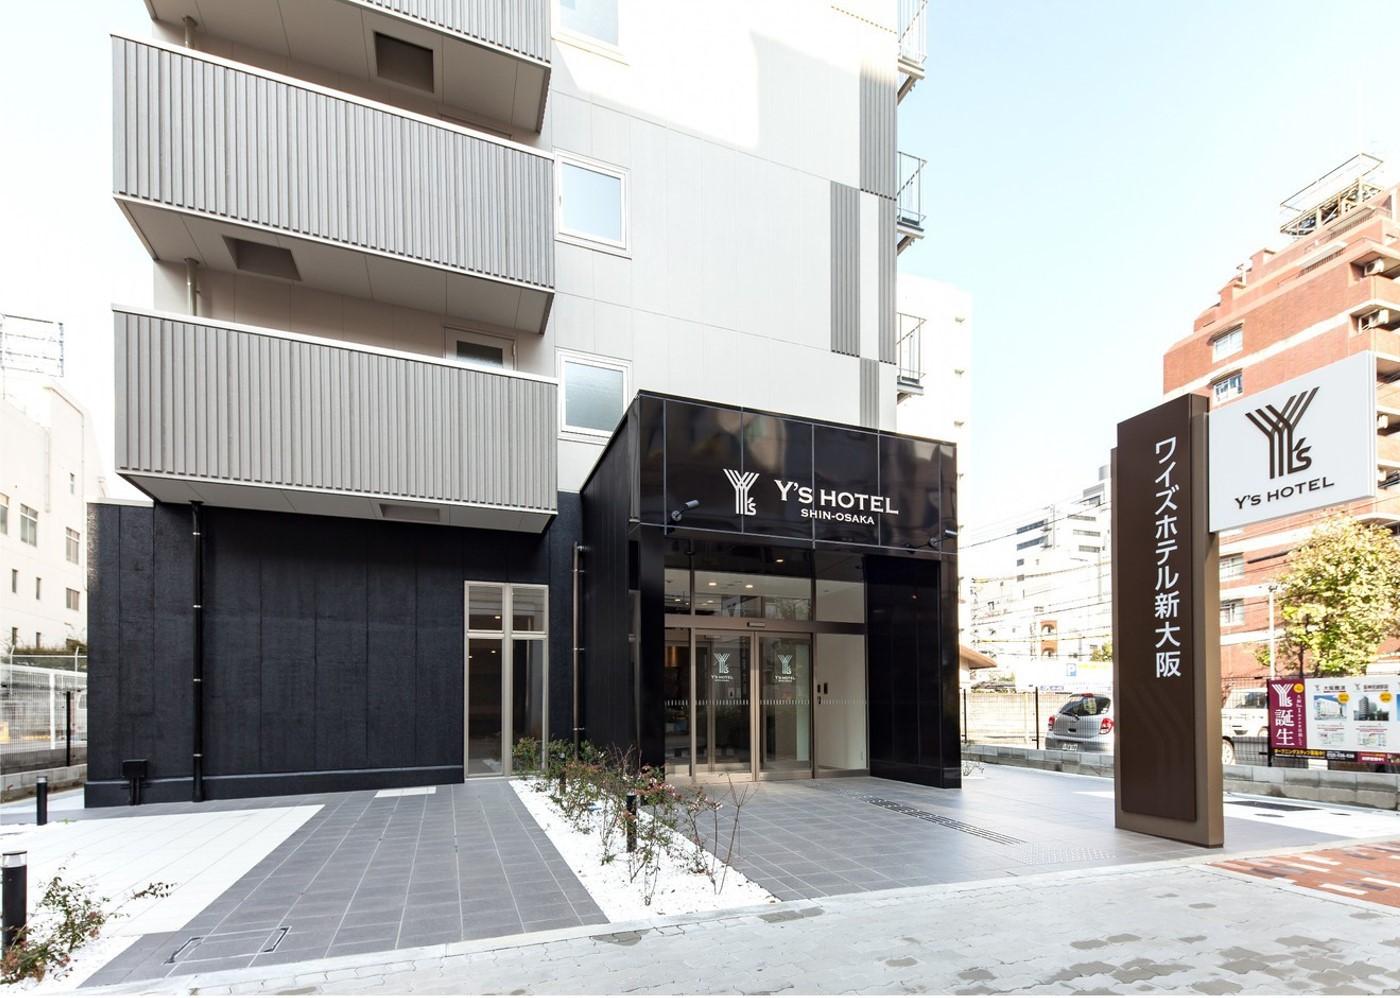 Y's HOTEL 新大阪